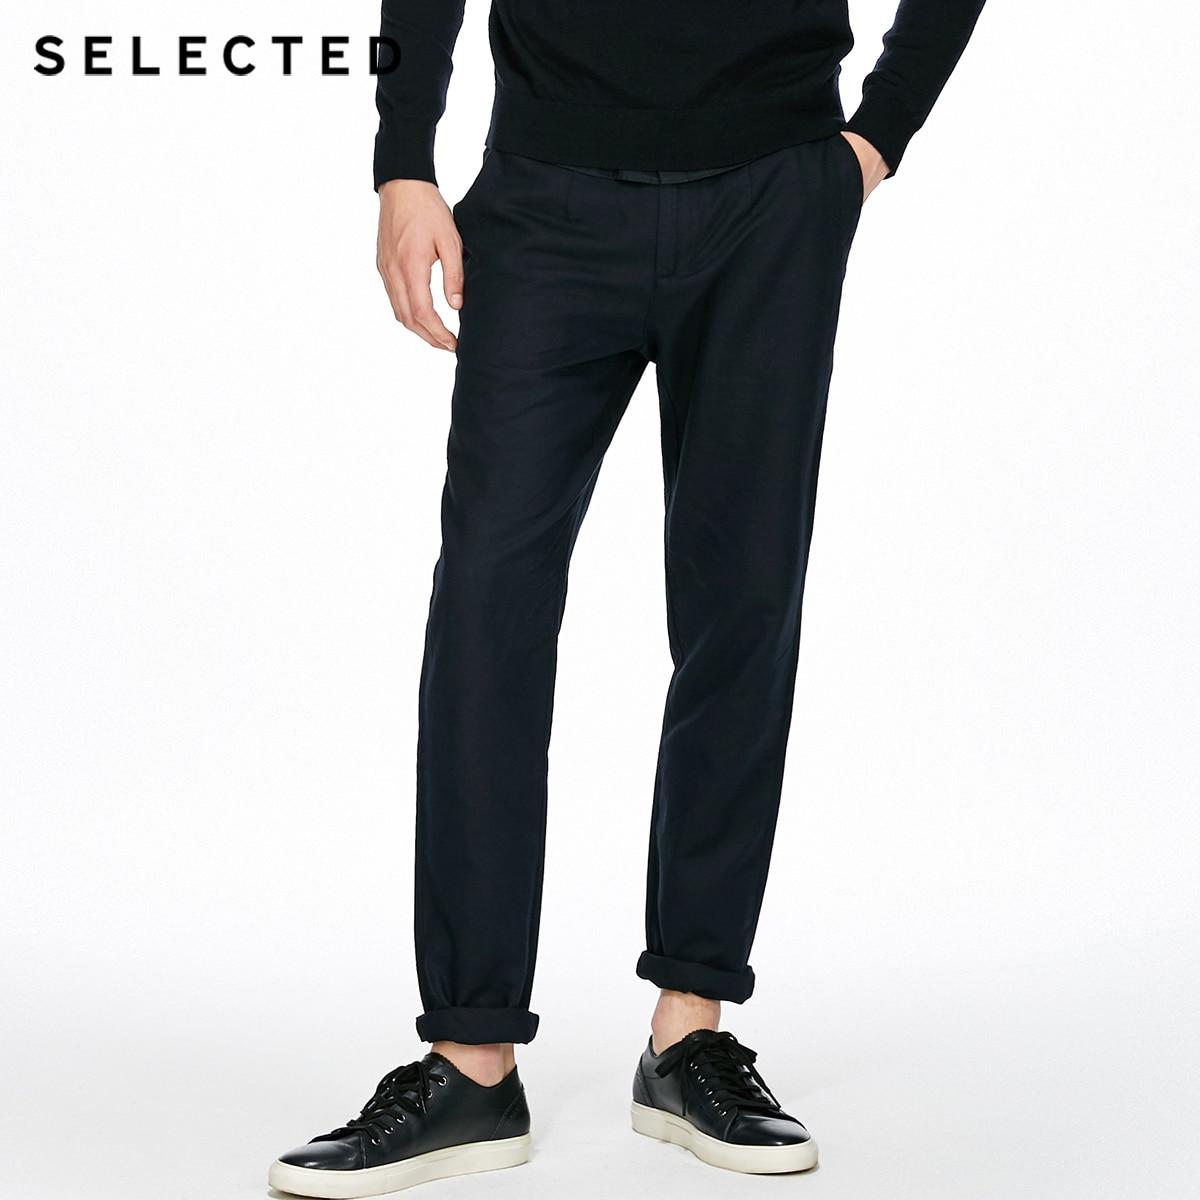 SÉLECTIONNÉ d'affaires décontracté décontracté coton linge de mode pantalon droit C | 417314508 - 2